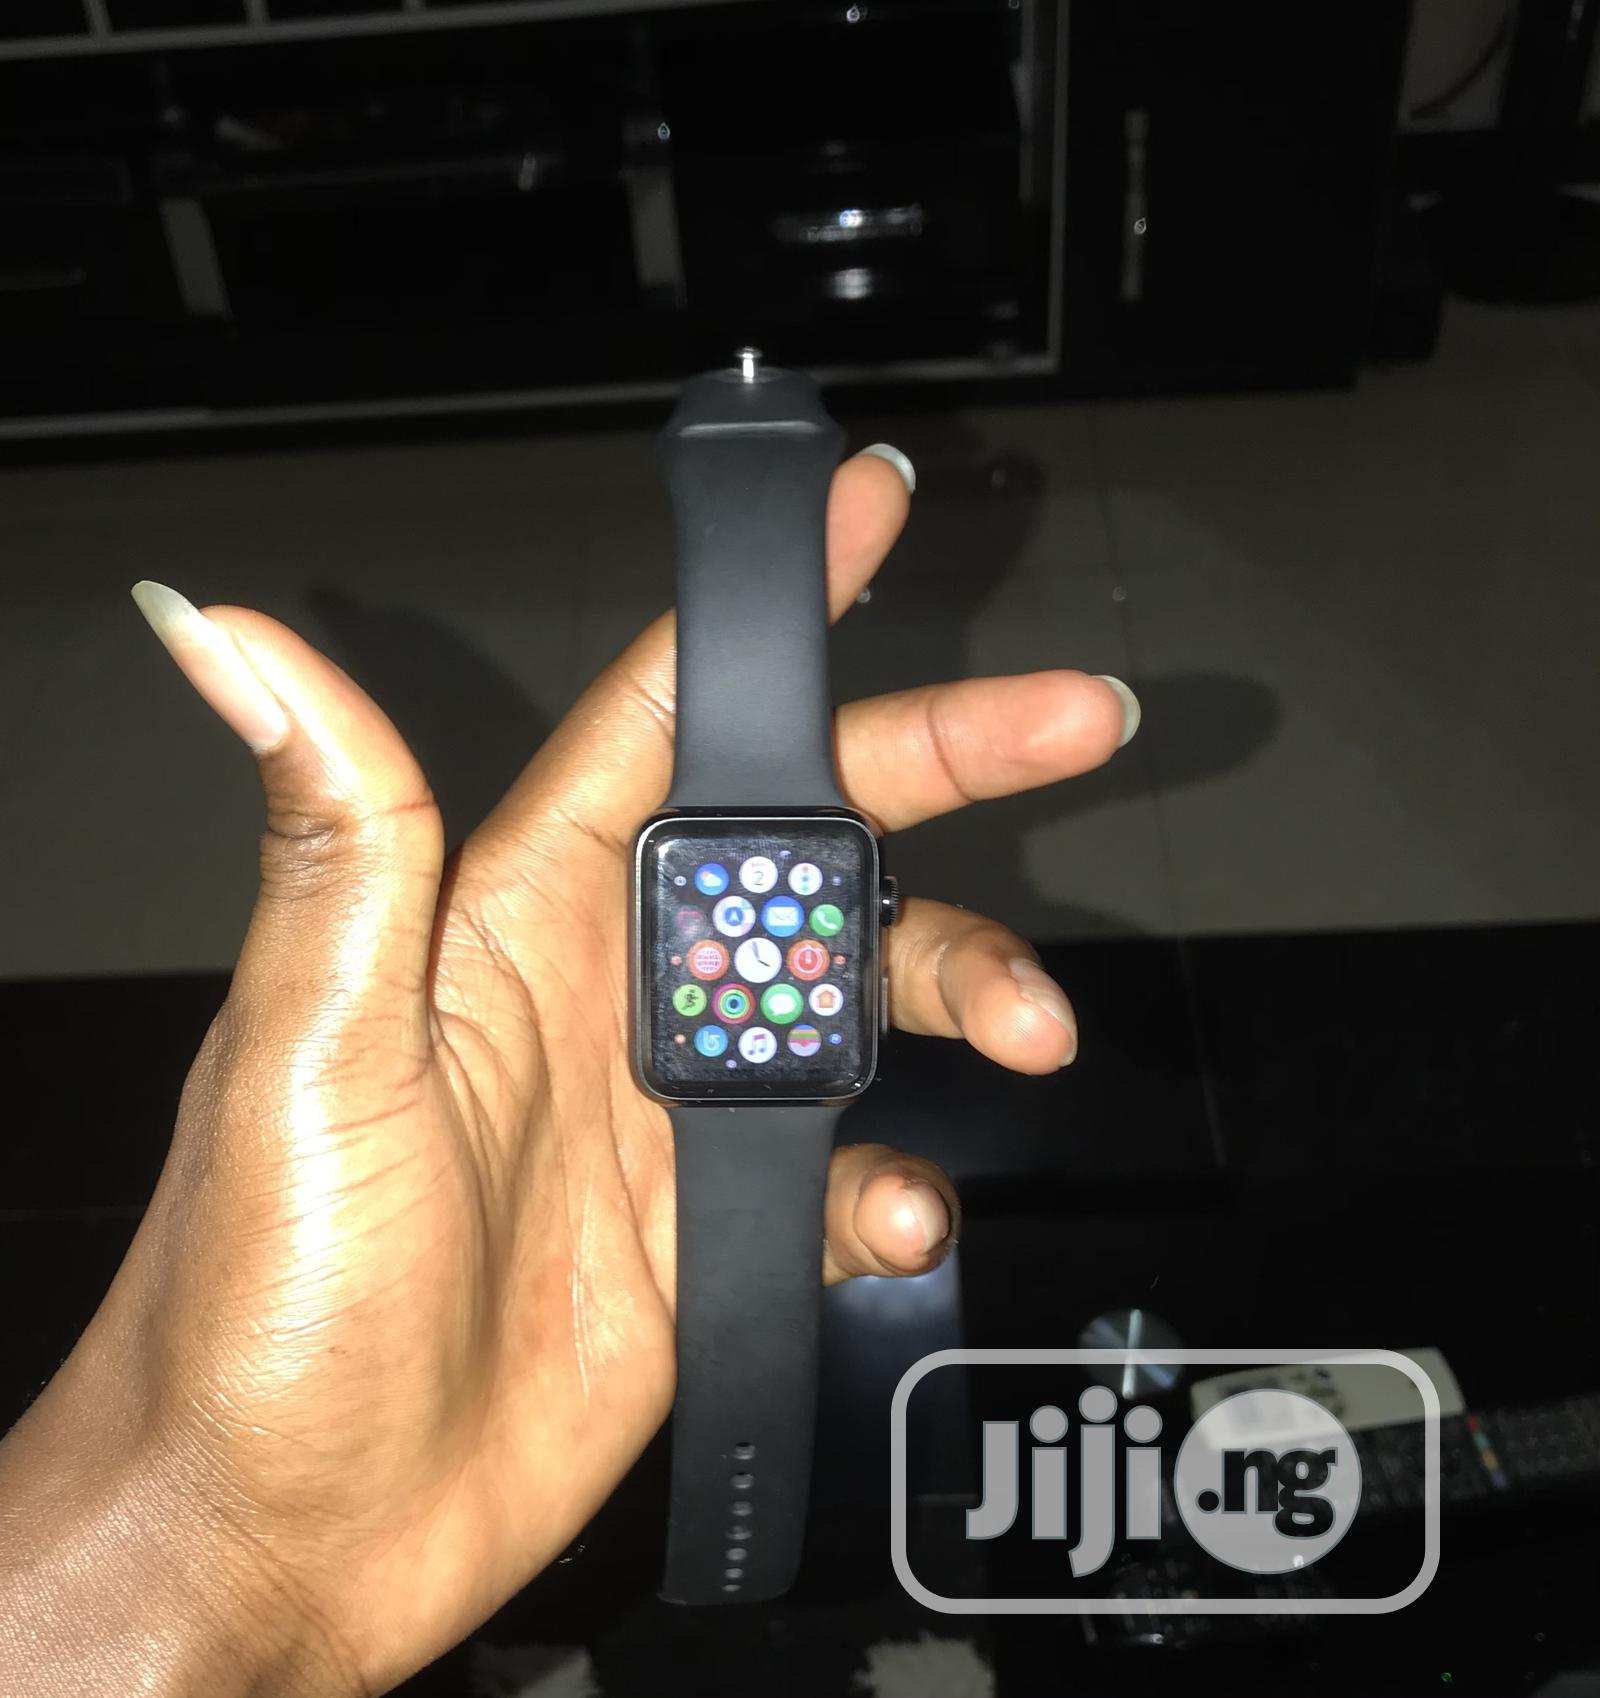 Apple Watch Series 1, Black Stainless Steel,42mm